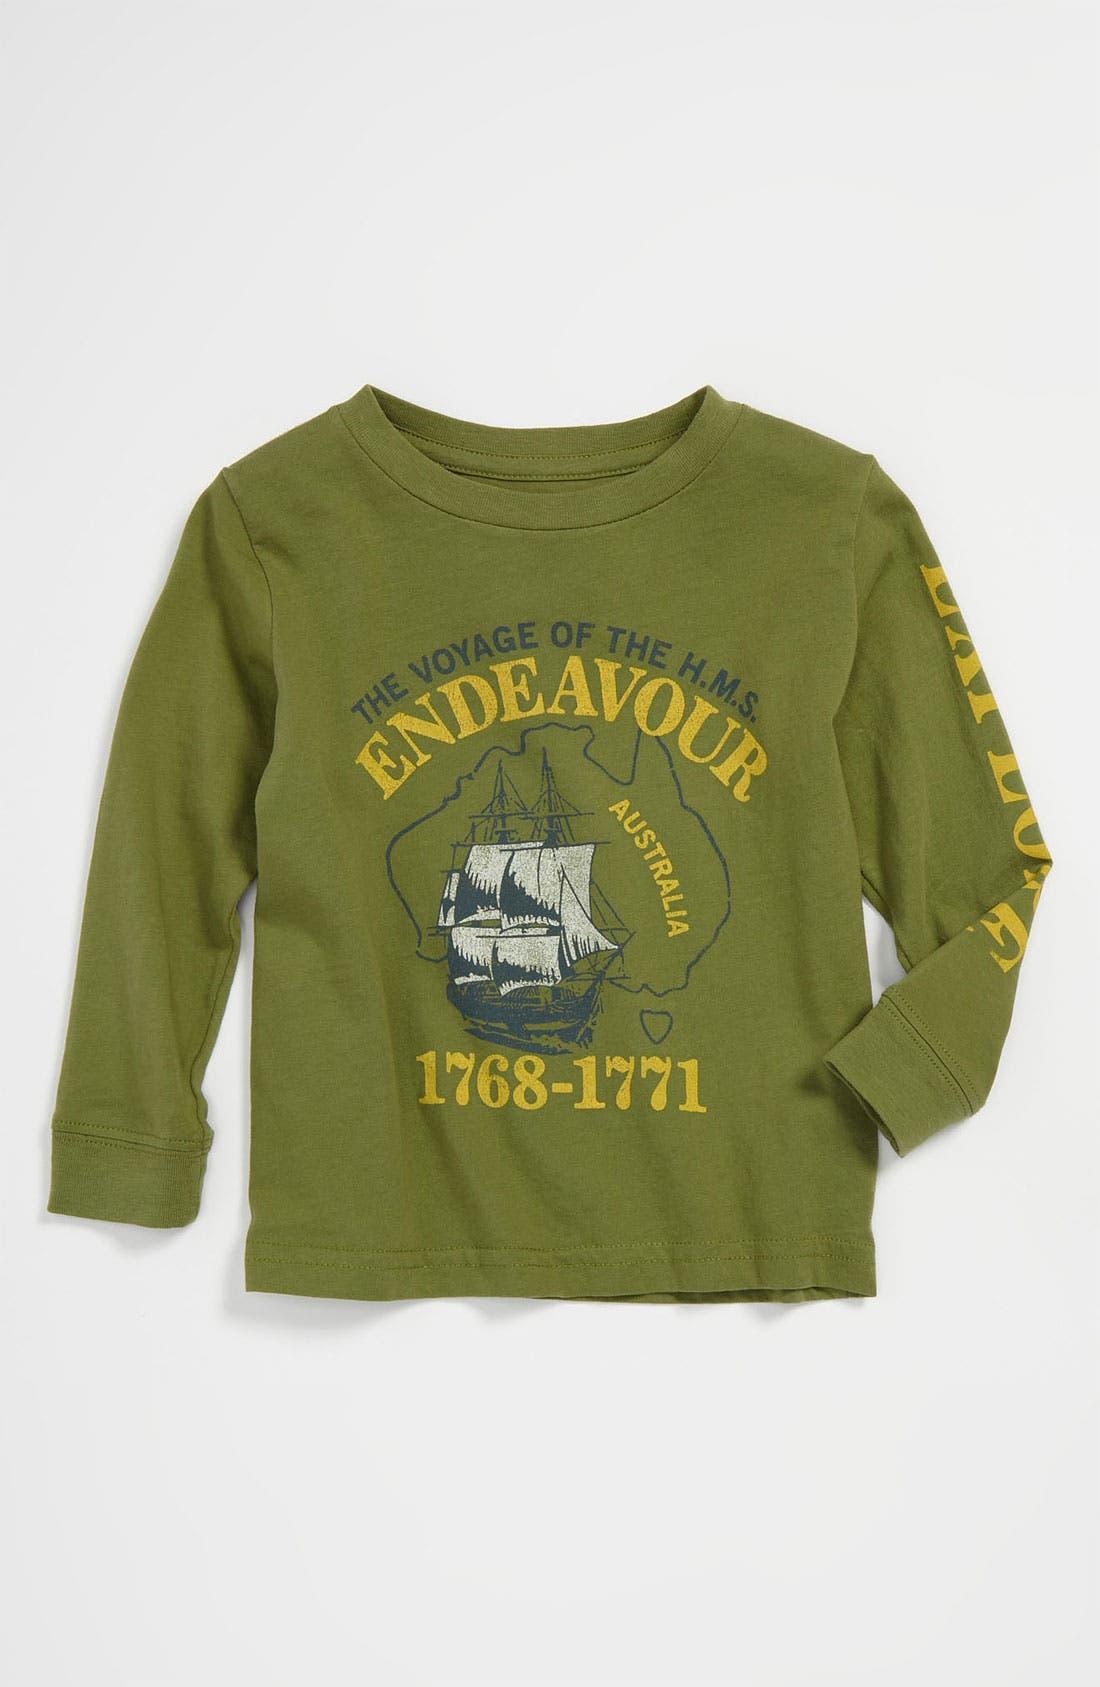 Alternate Image 1 Selected - Peek 'Endeavor' T-Shirt (Infant)